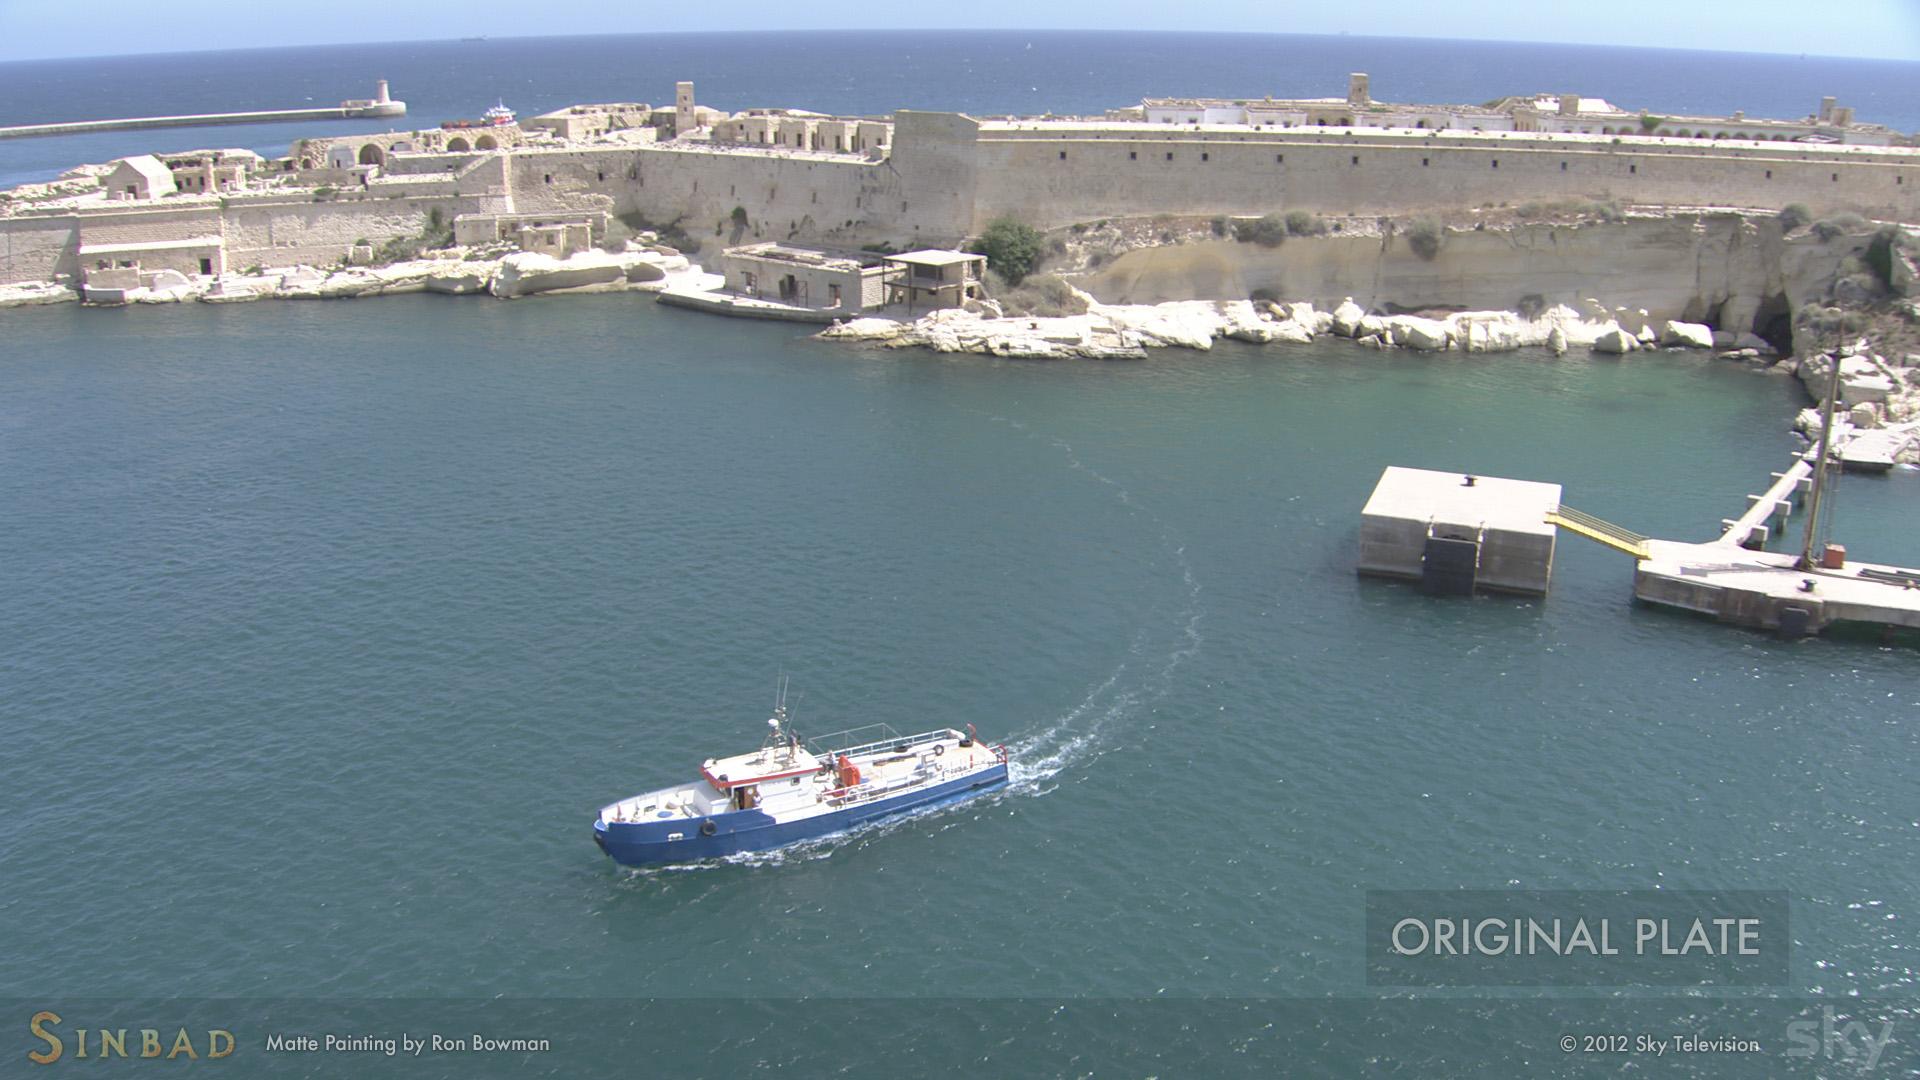 sinbad_aerial_dock_plate.jpg